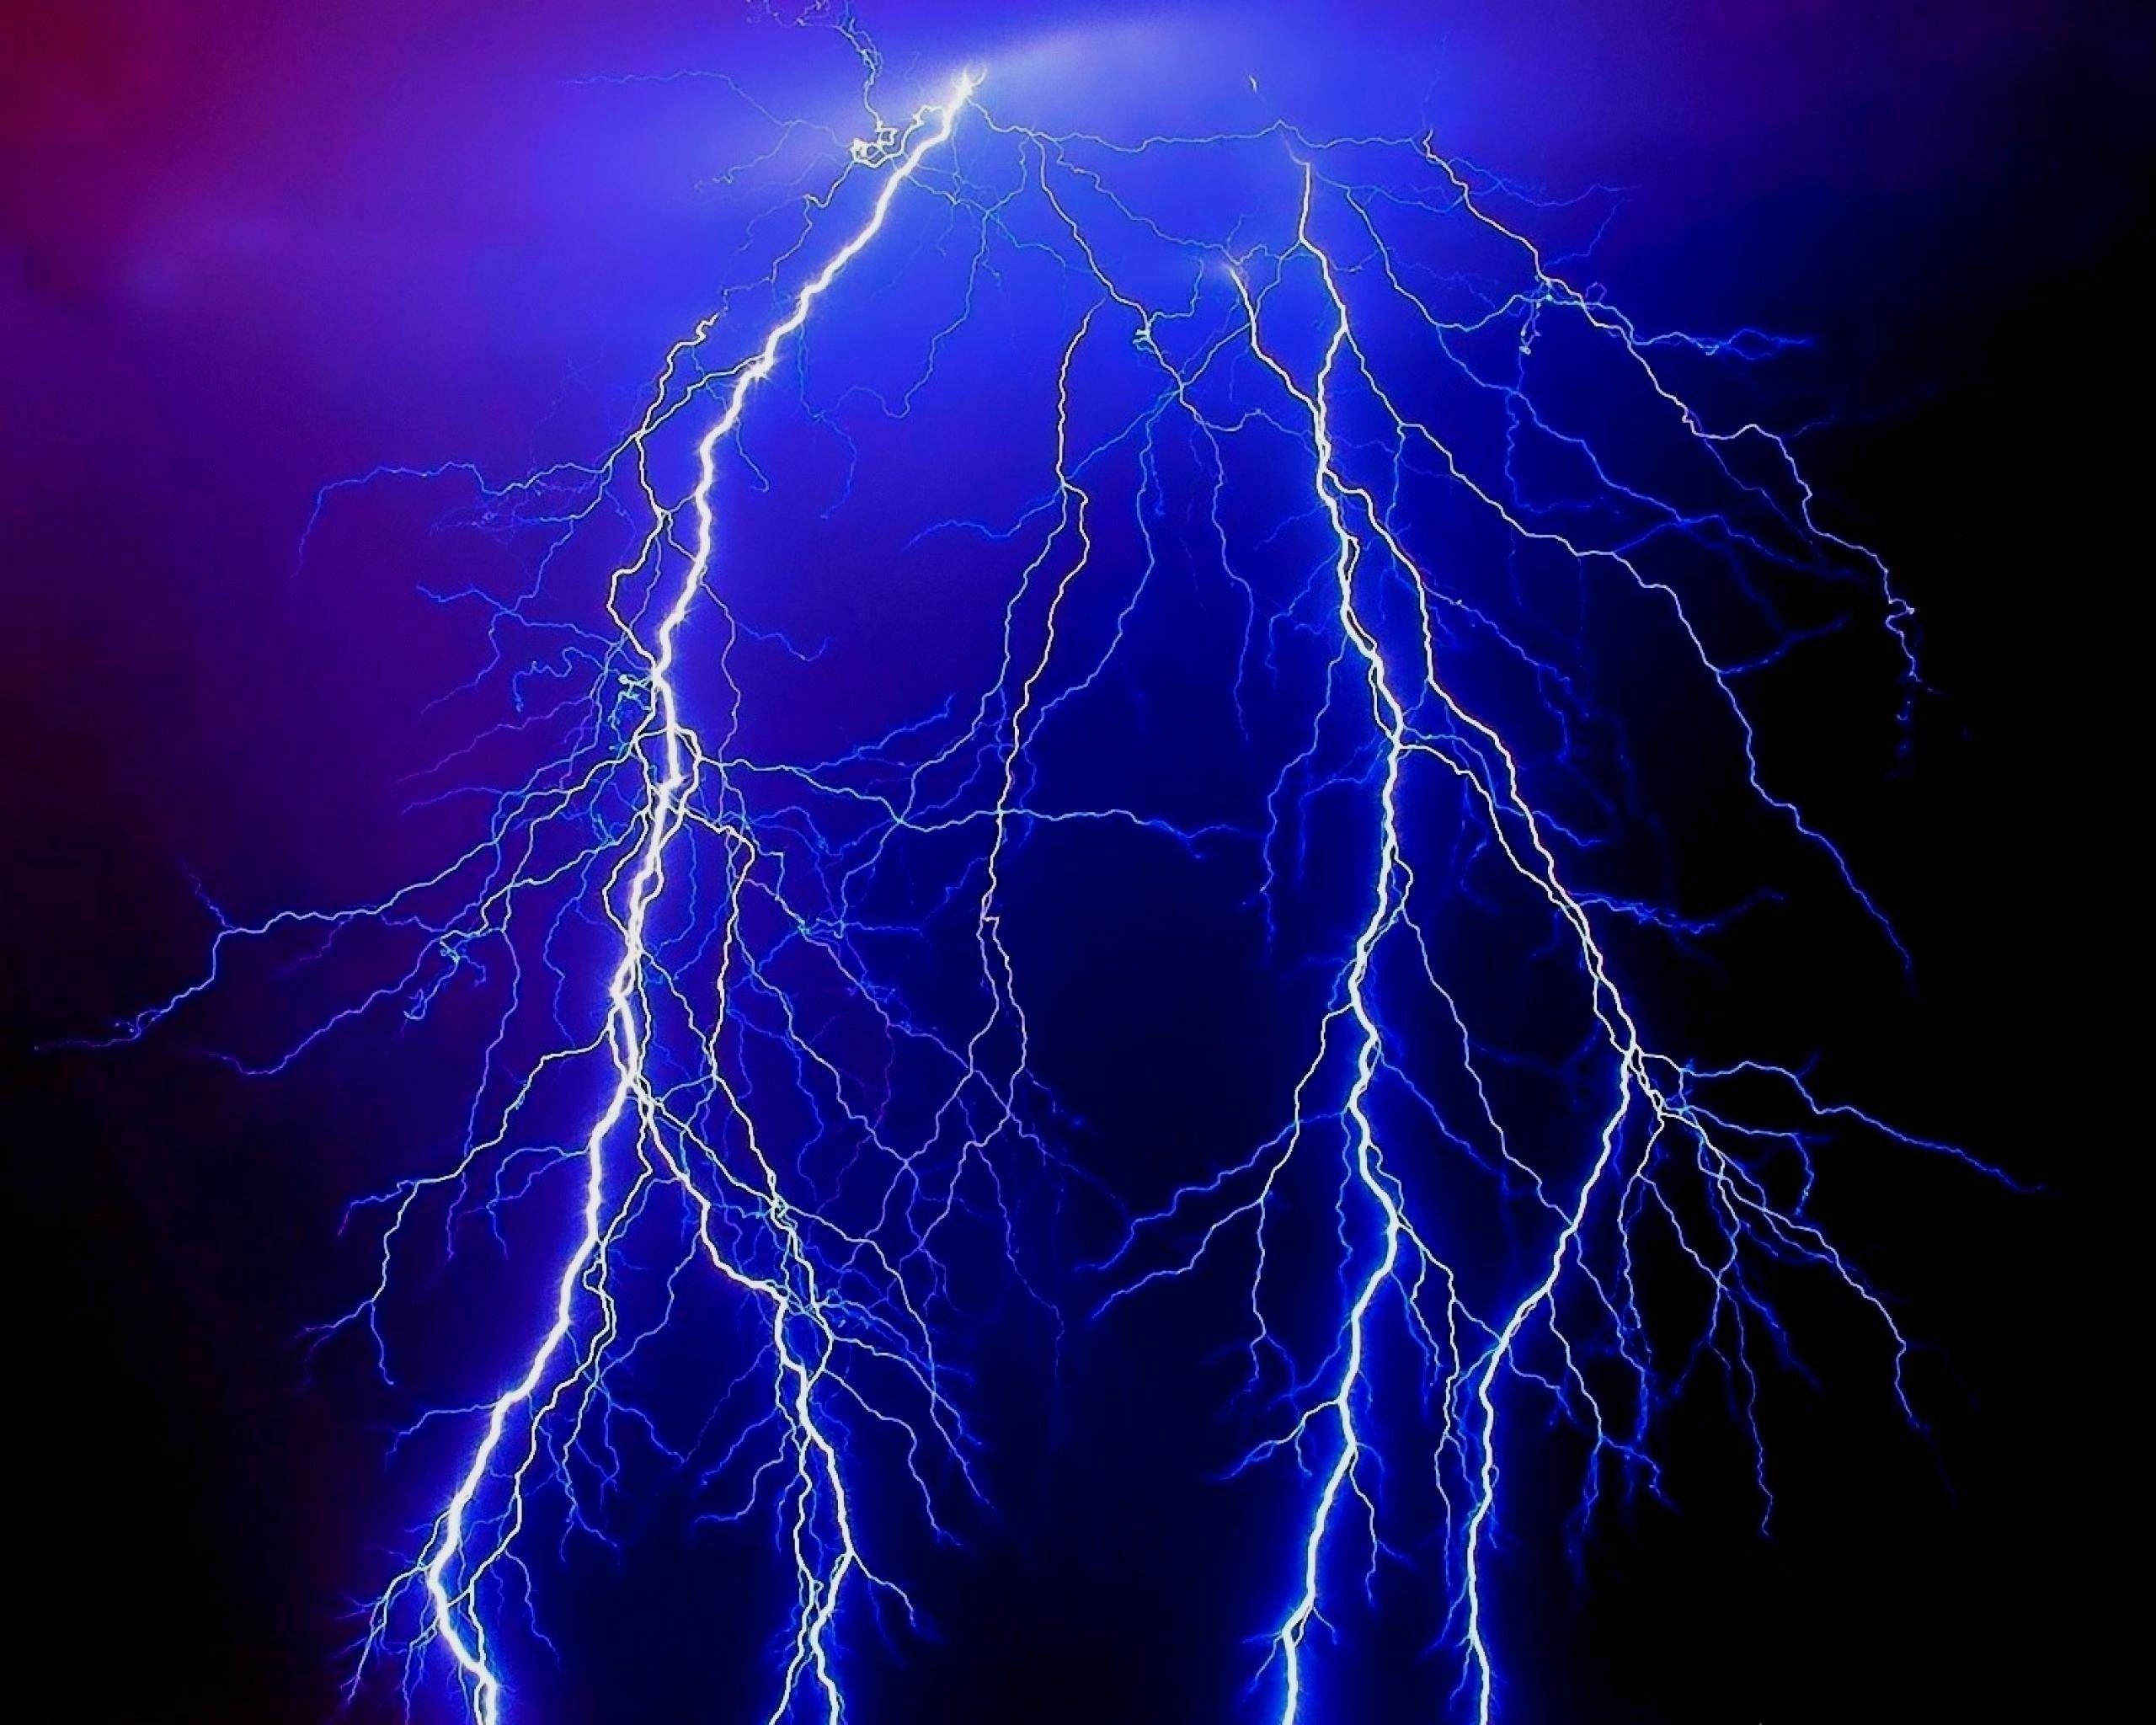 Thunder And Lightning Wallpaper 70 Images Thunder And Lightning Blue Lightning Best Background Images